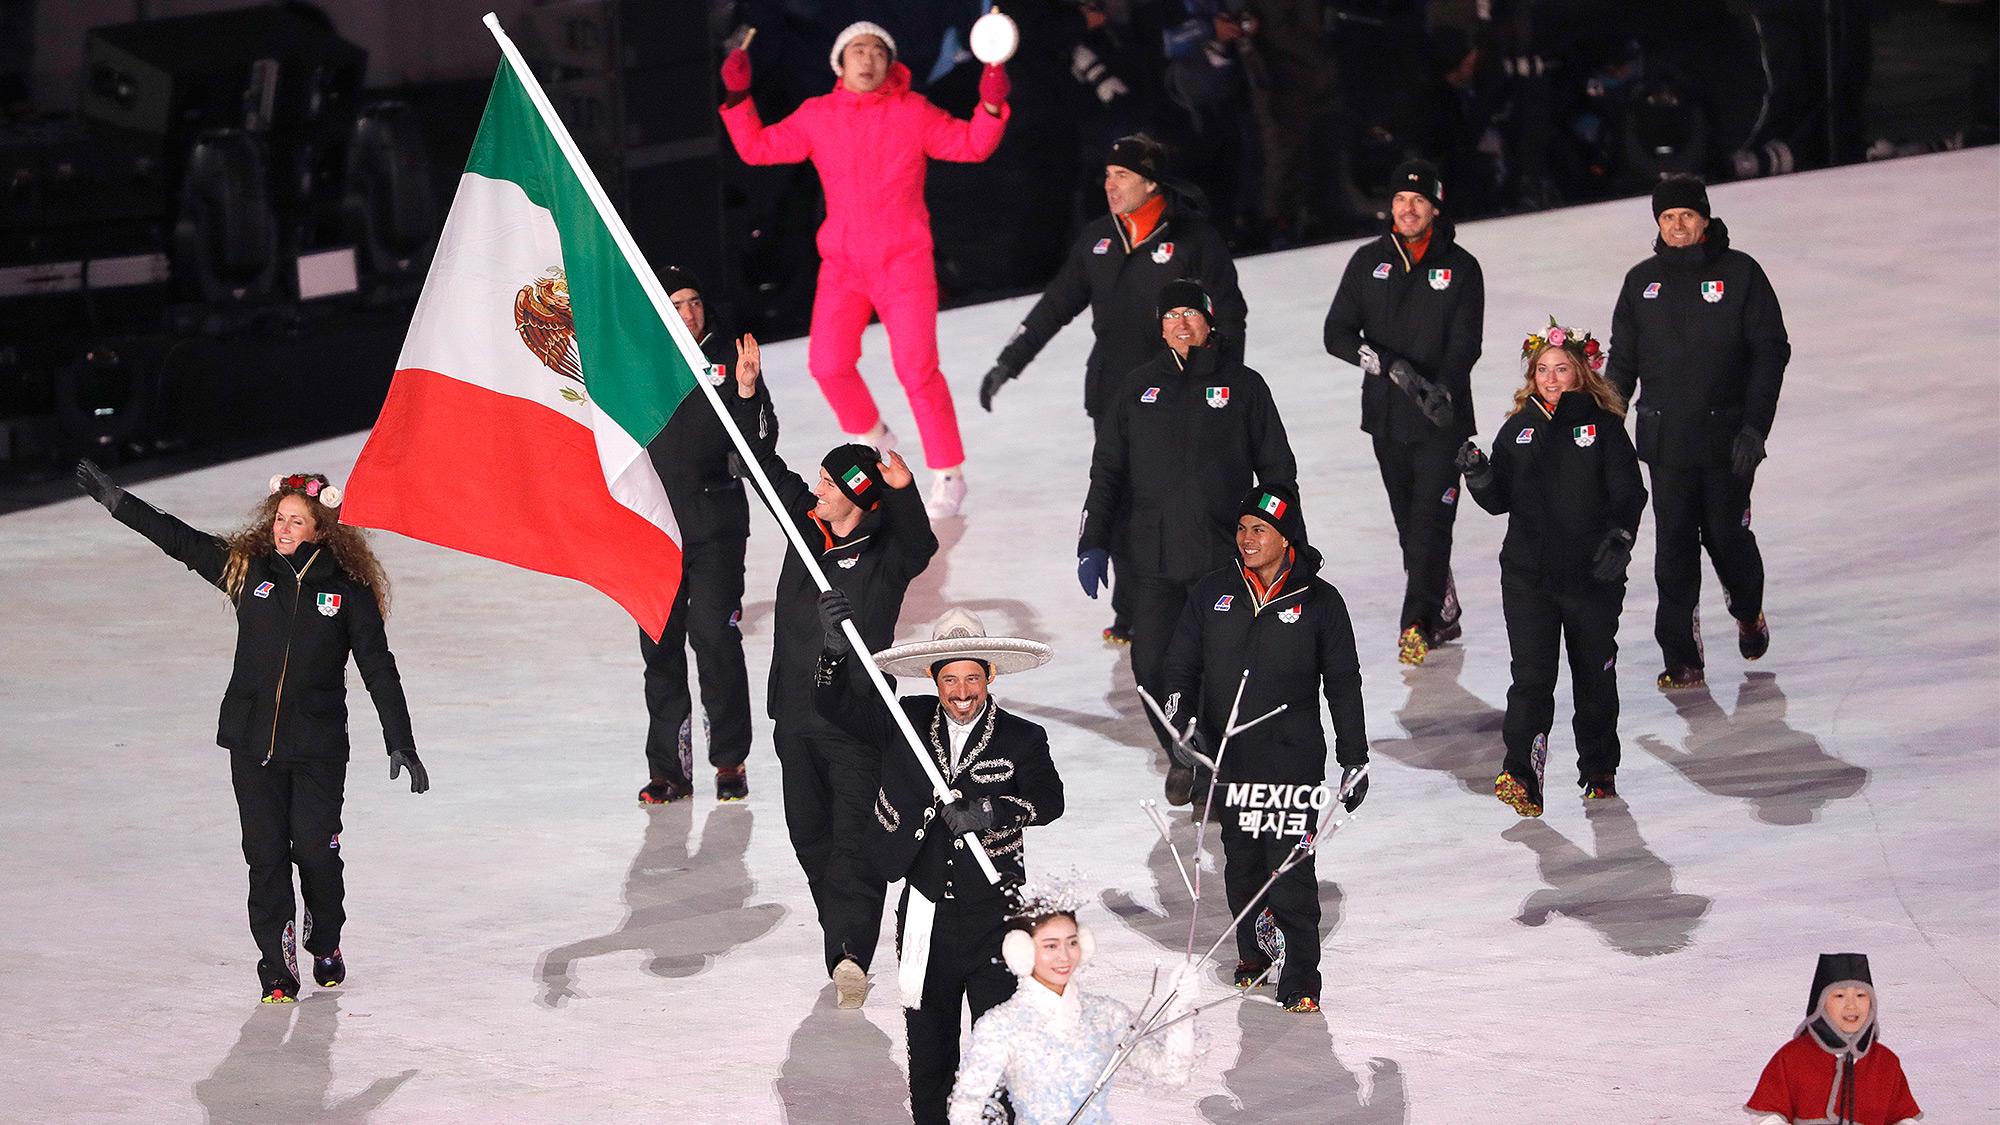 Éstos son los mexicanos que compiten en los Olímpicos de Invierno